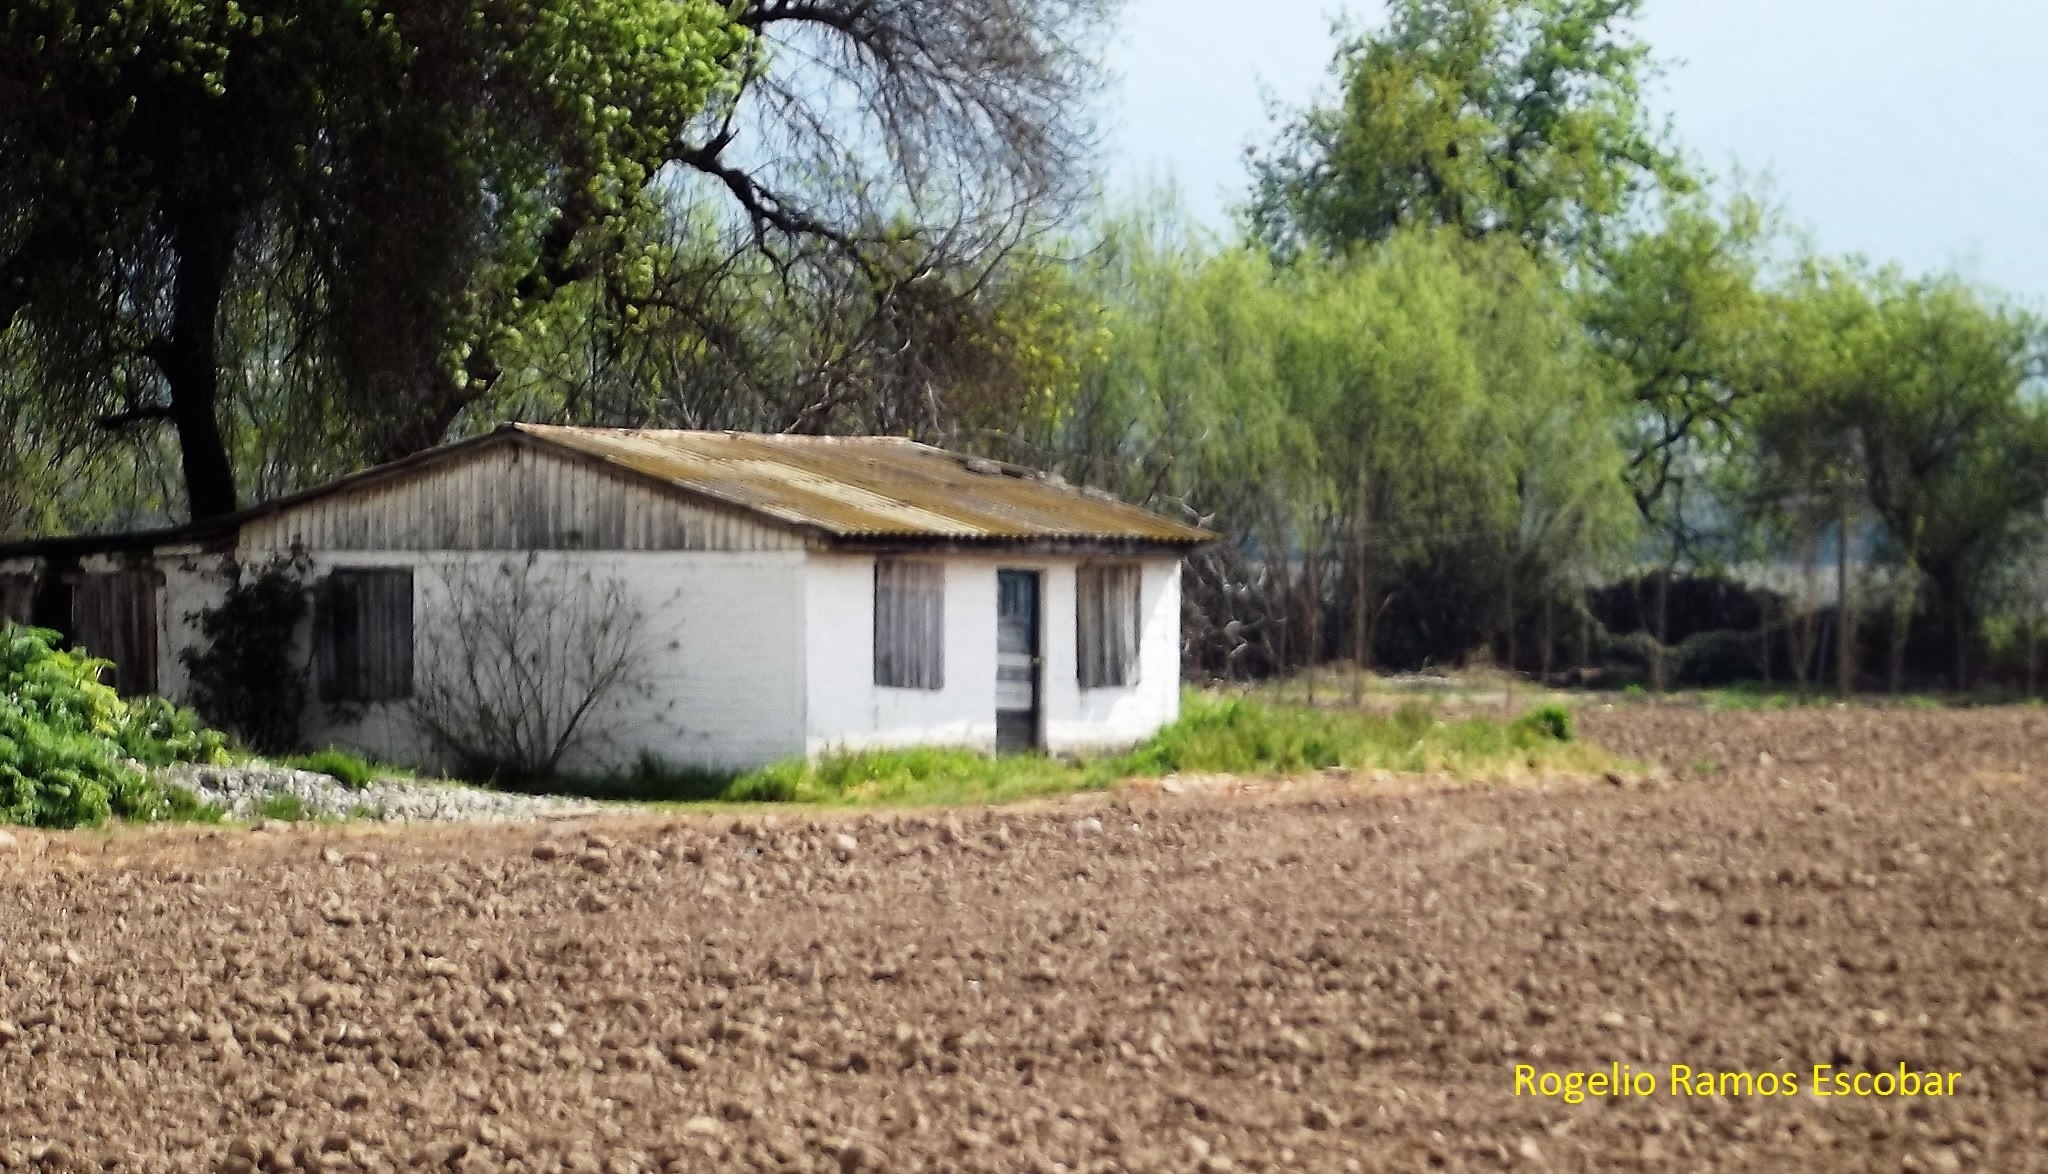 Mi casa blanca by Rogelio Ramos Escobar